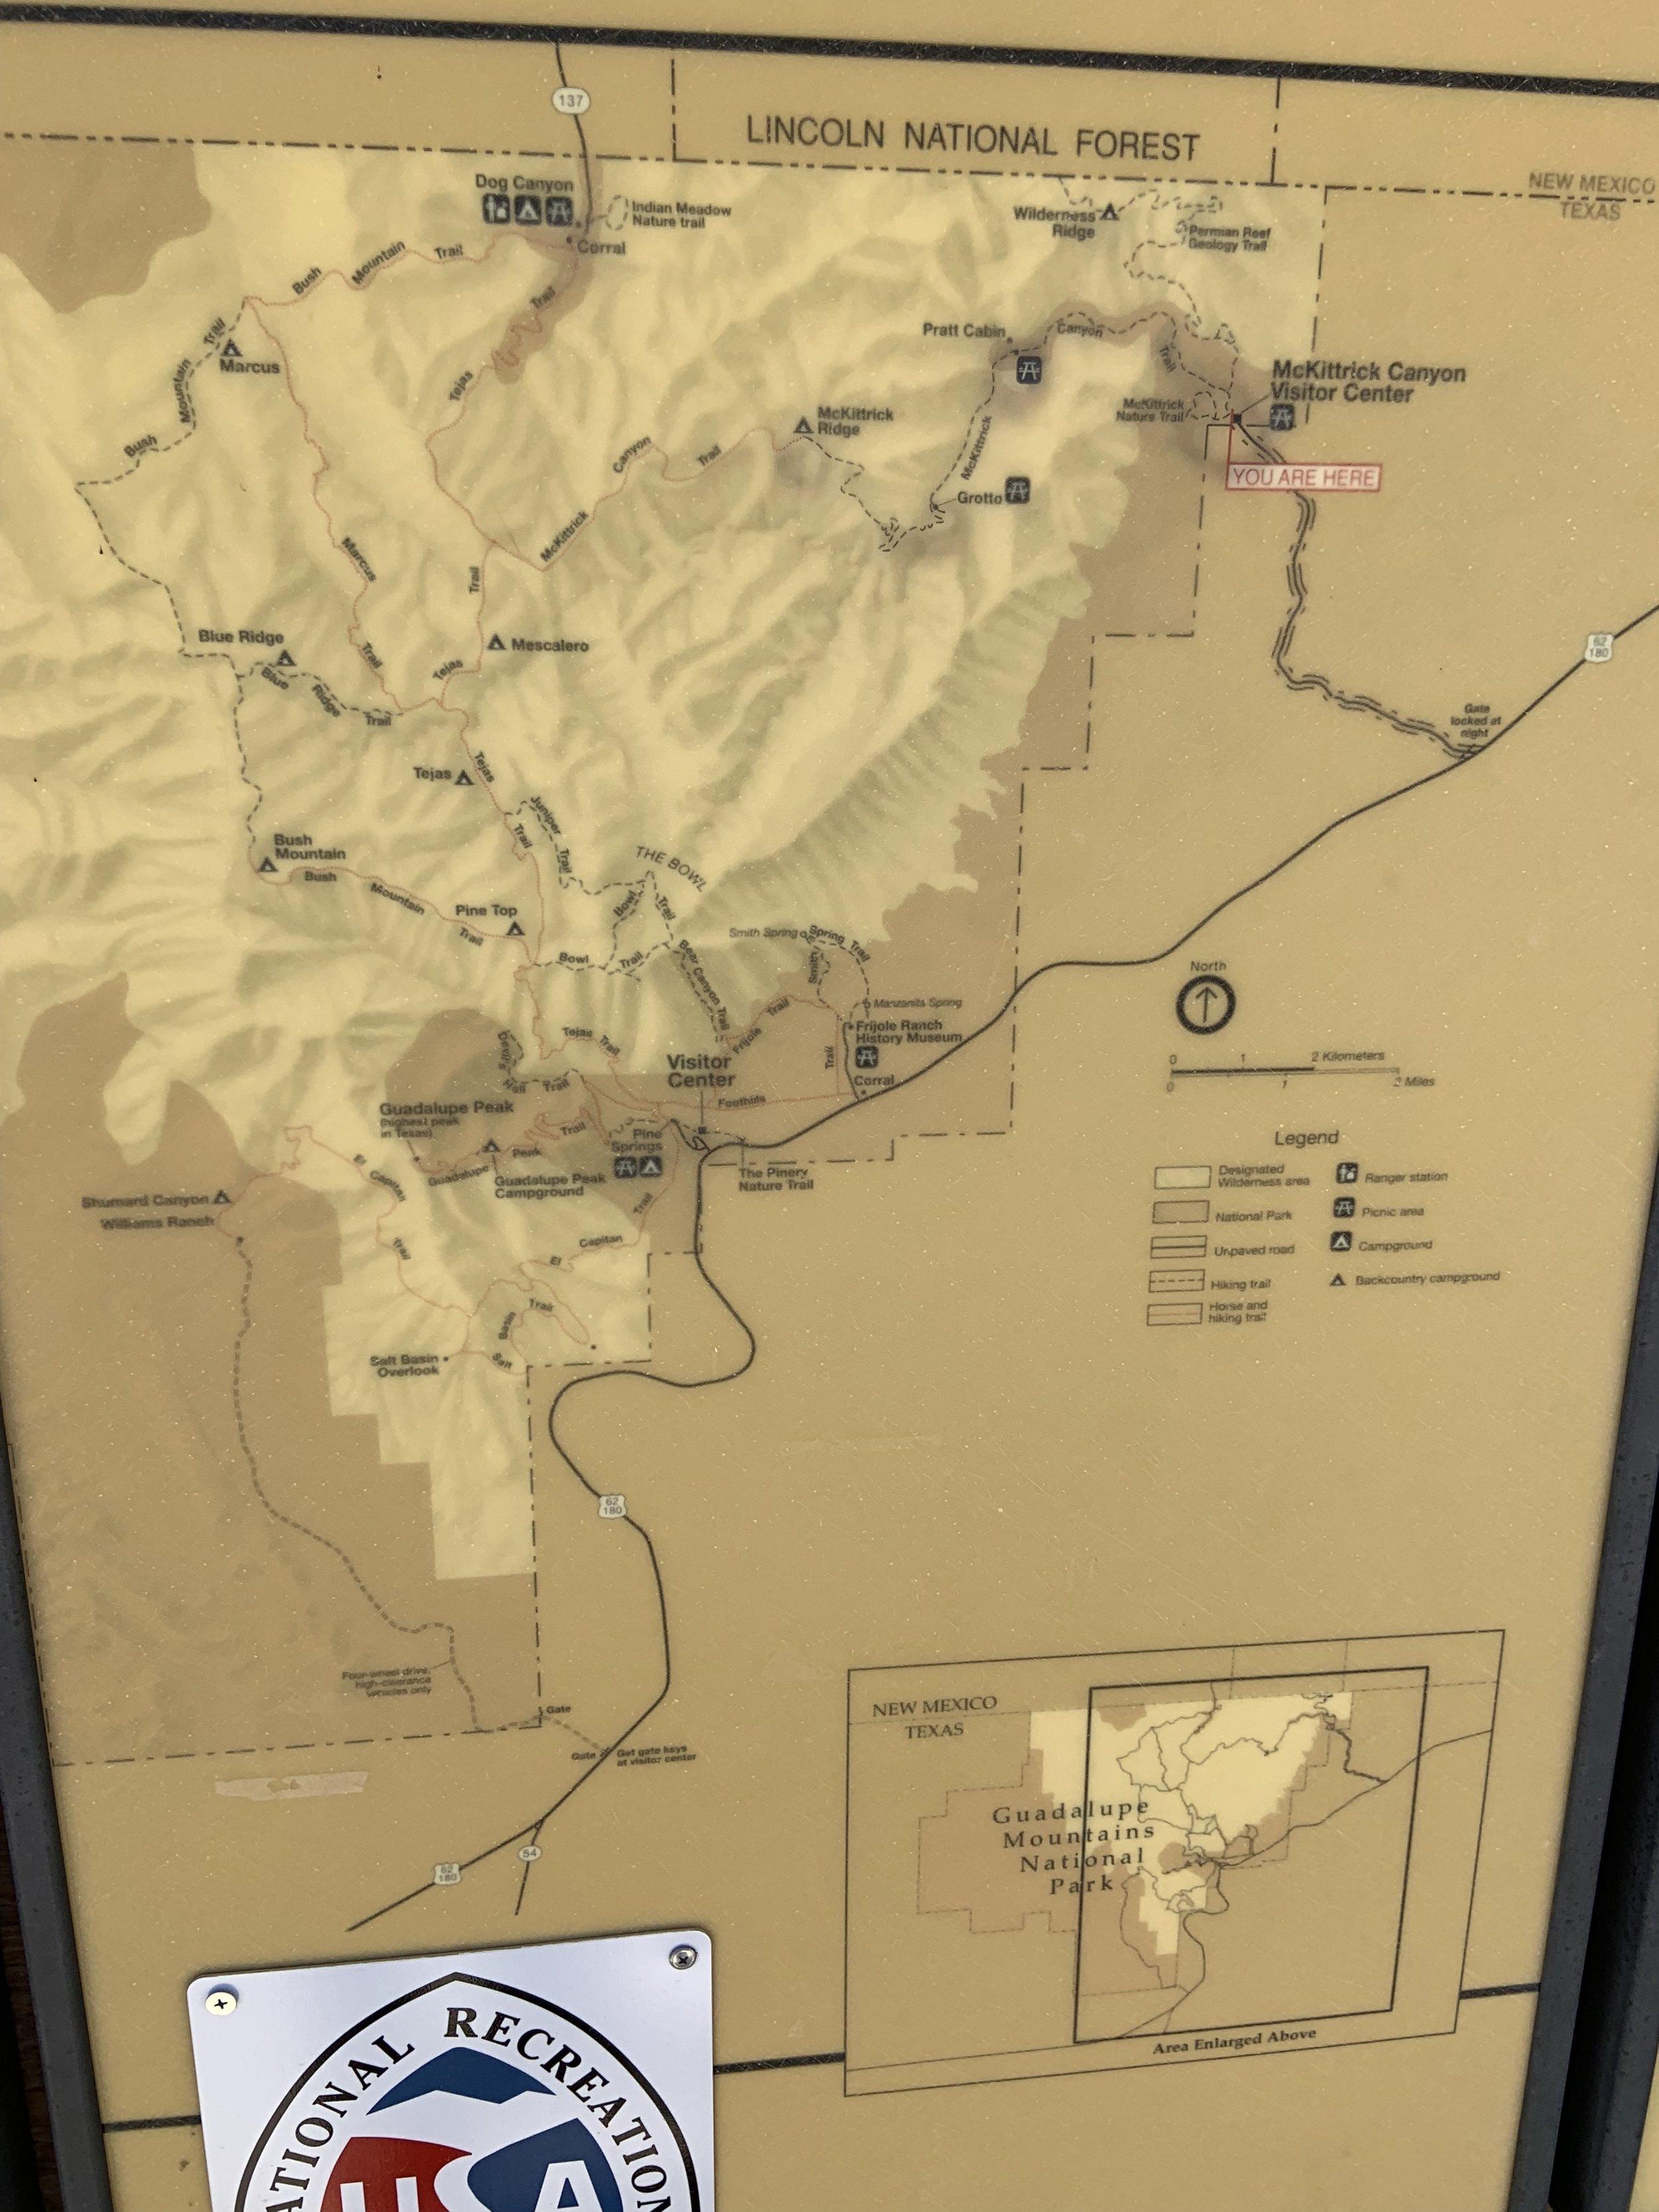 mapofguadalupemountains.jpg